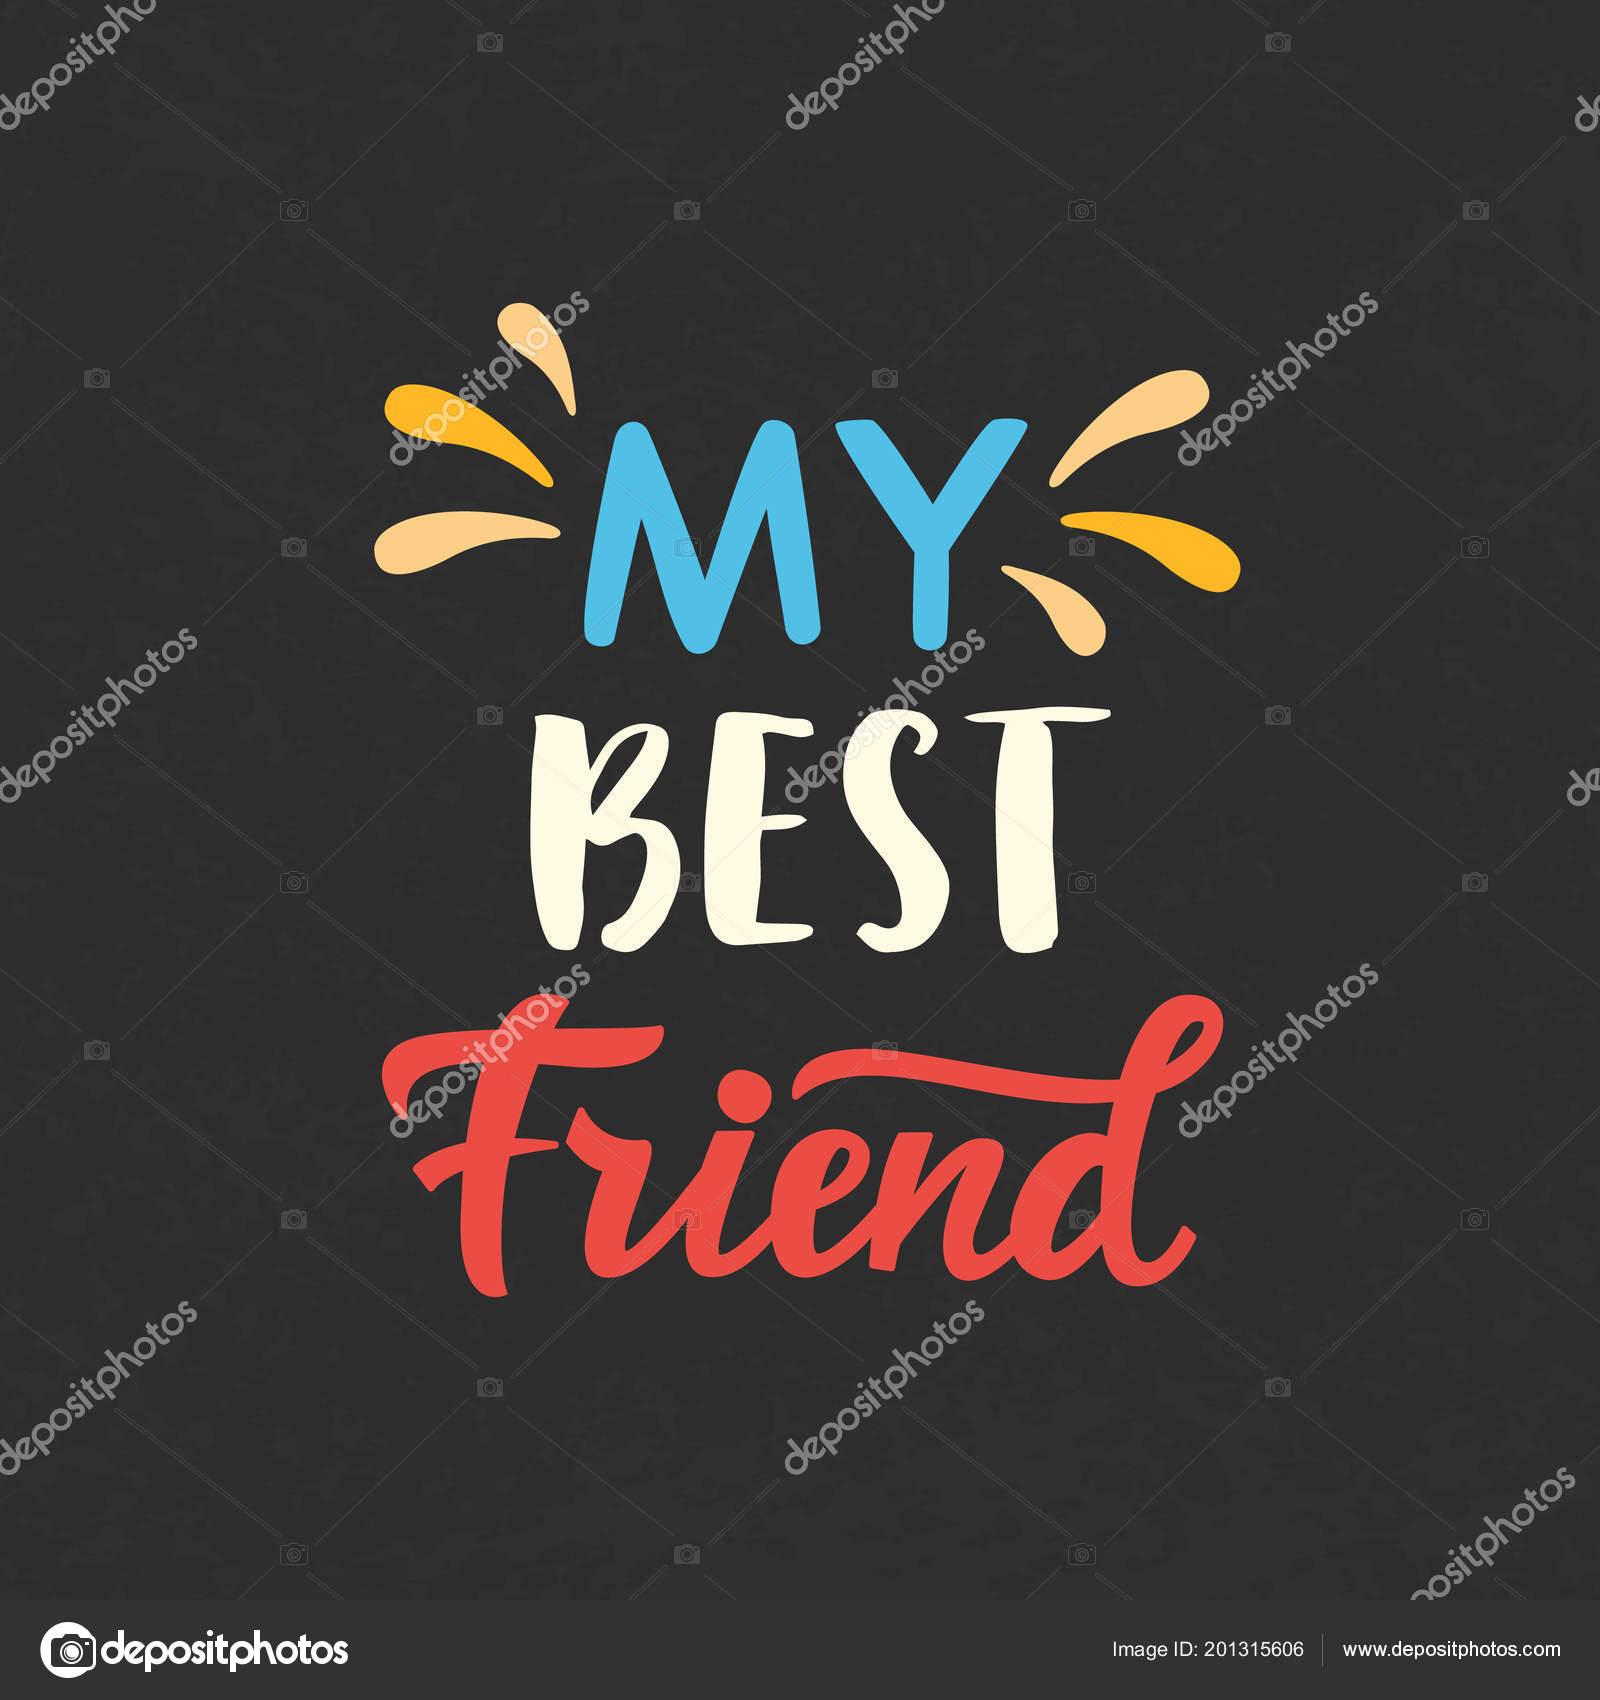 information about my best friend